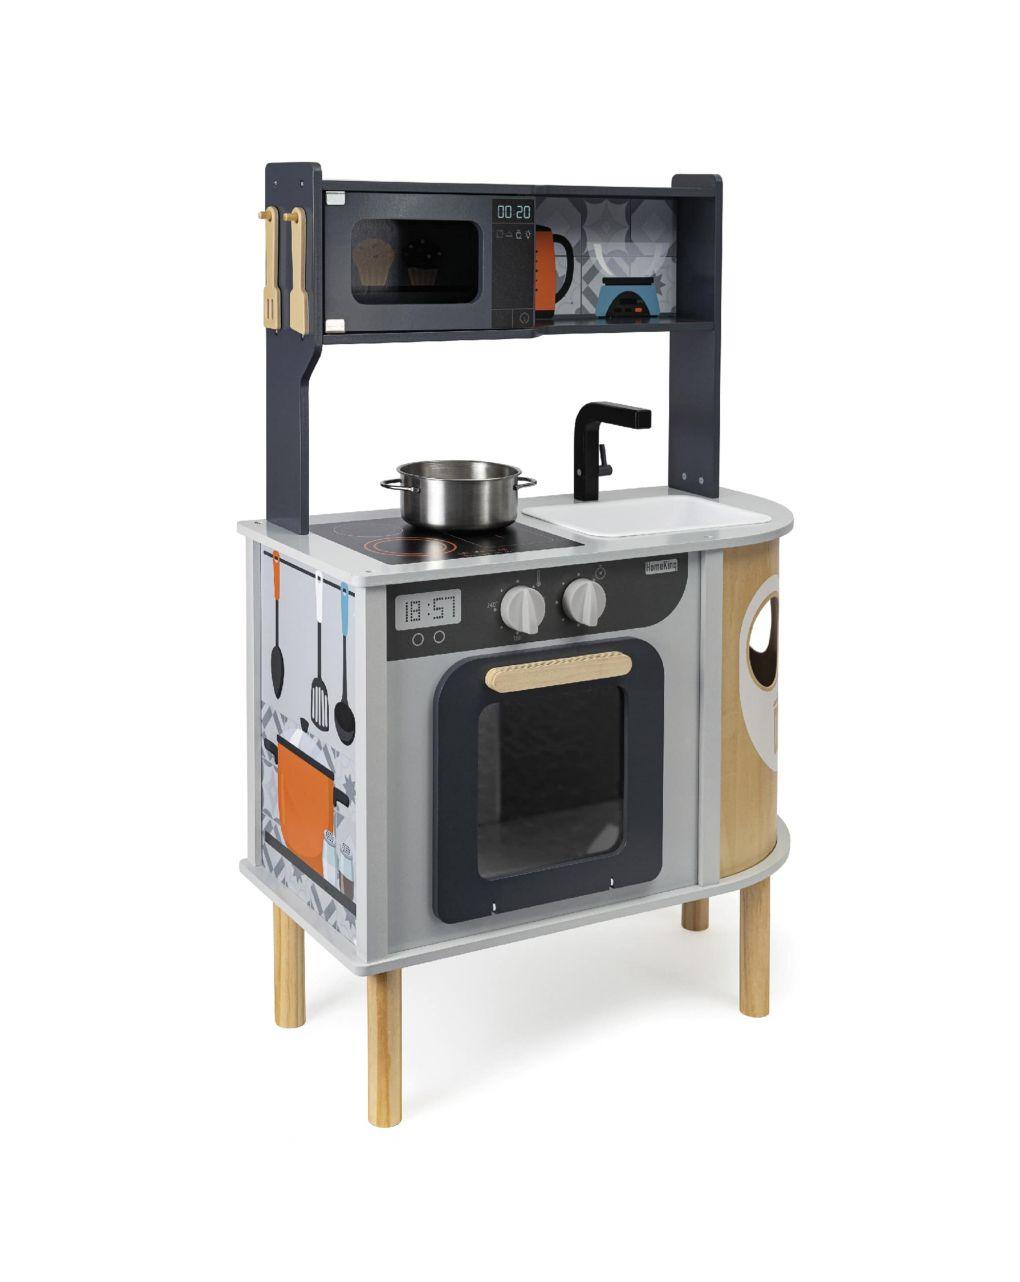 Wood'n play - cucina in legno double side - Wood'N'Play